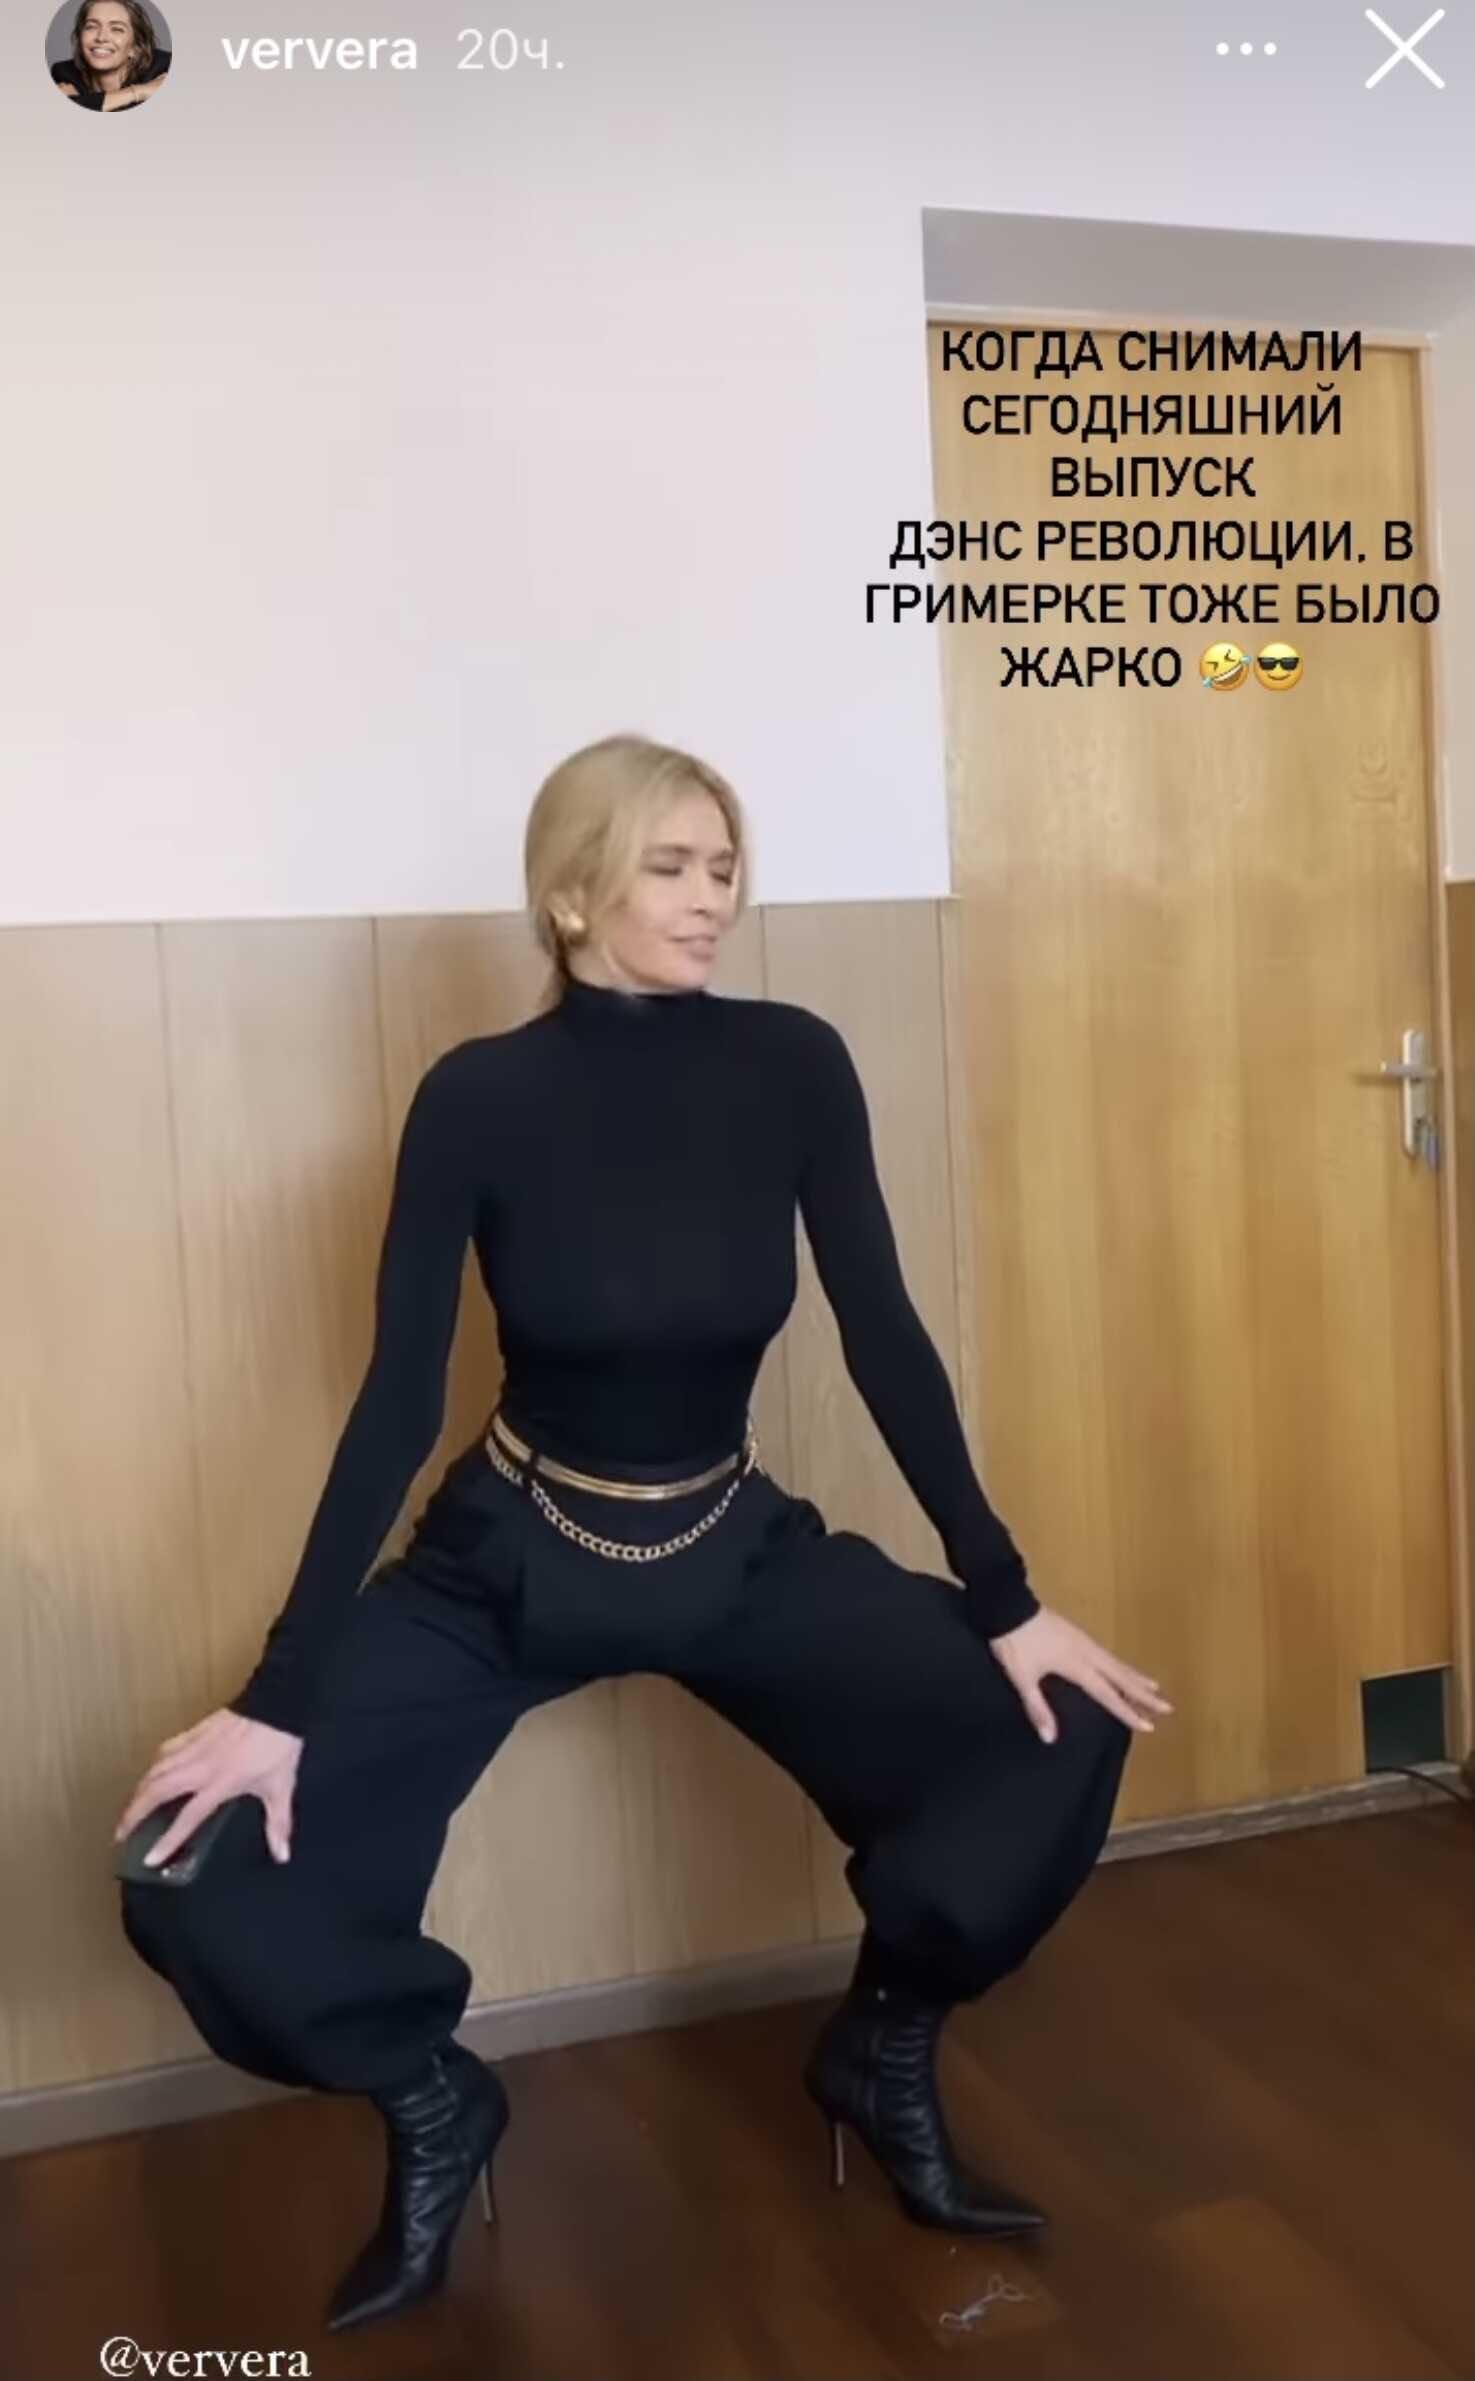 «Это ей удаётся лучше всего!»: в сети высмеяли нелепую позу и шаровары Веры Брежневой